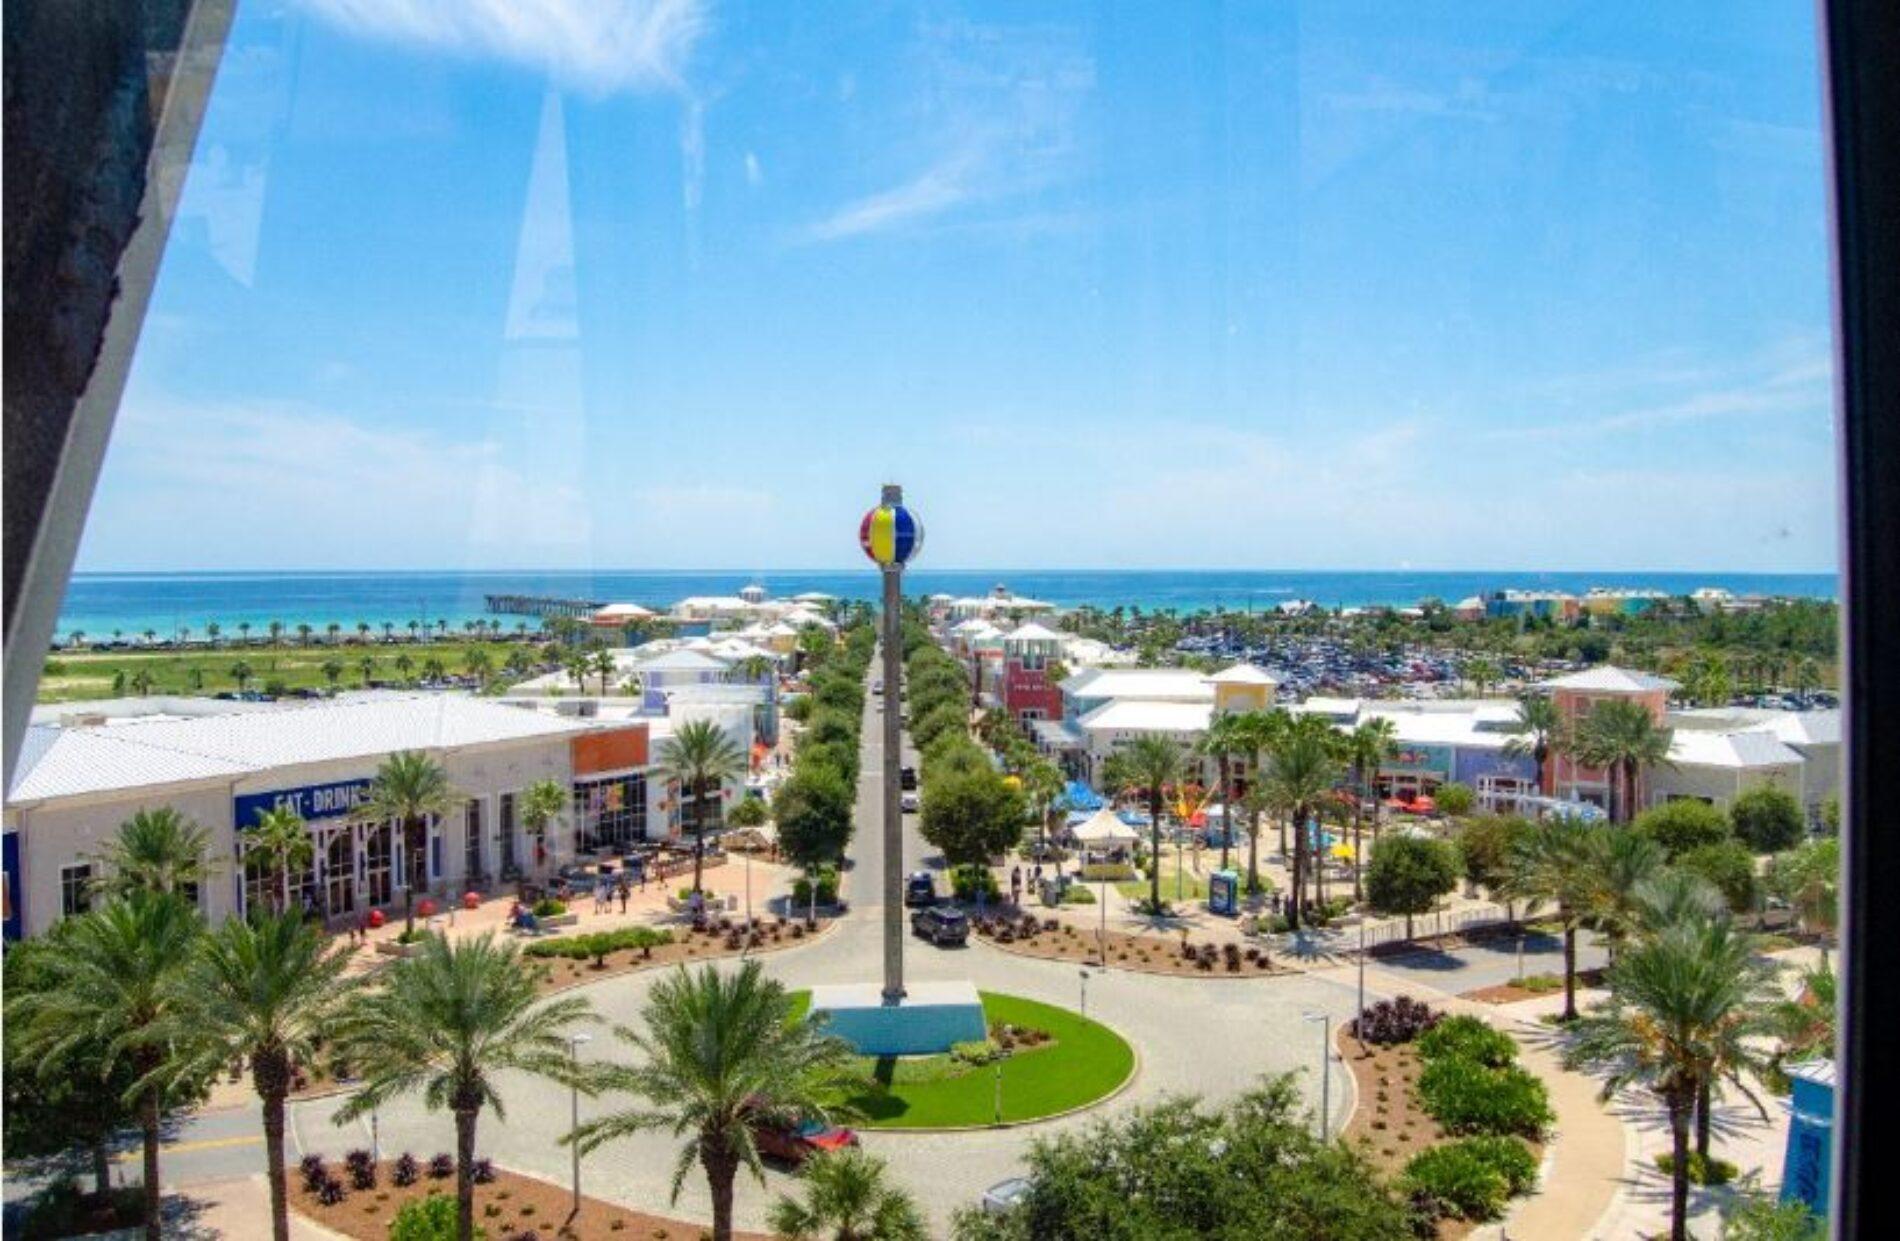 Ir de compras: un plan seguro e infaltable en Florida